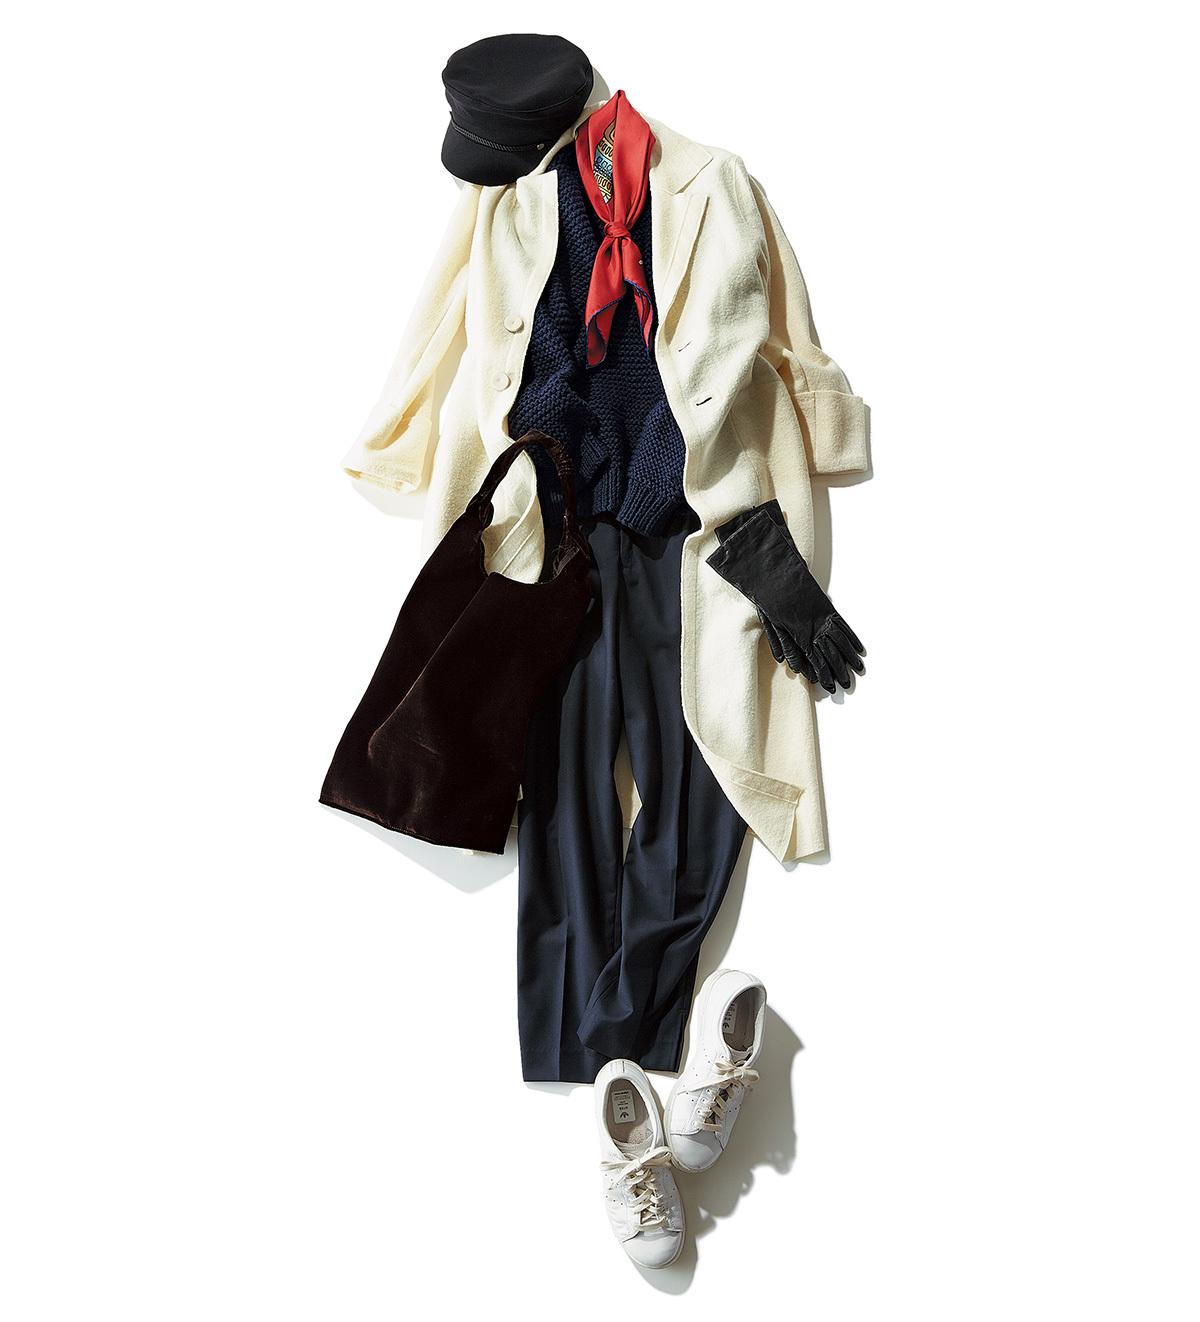 ドラマティックに着映える 白コートをコーデの主役に。_1_2-1